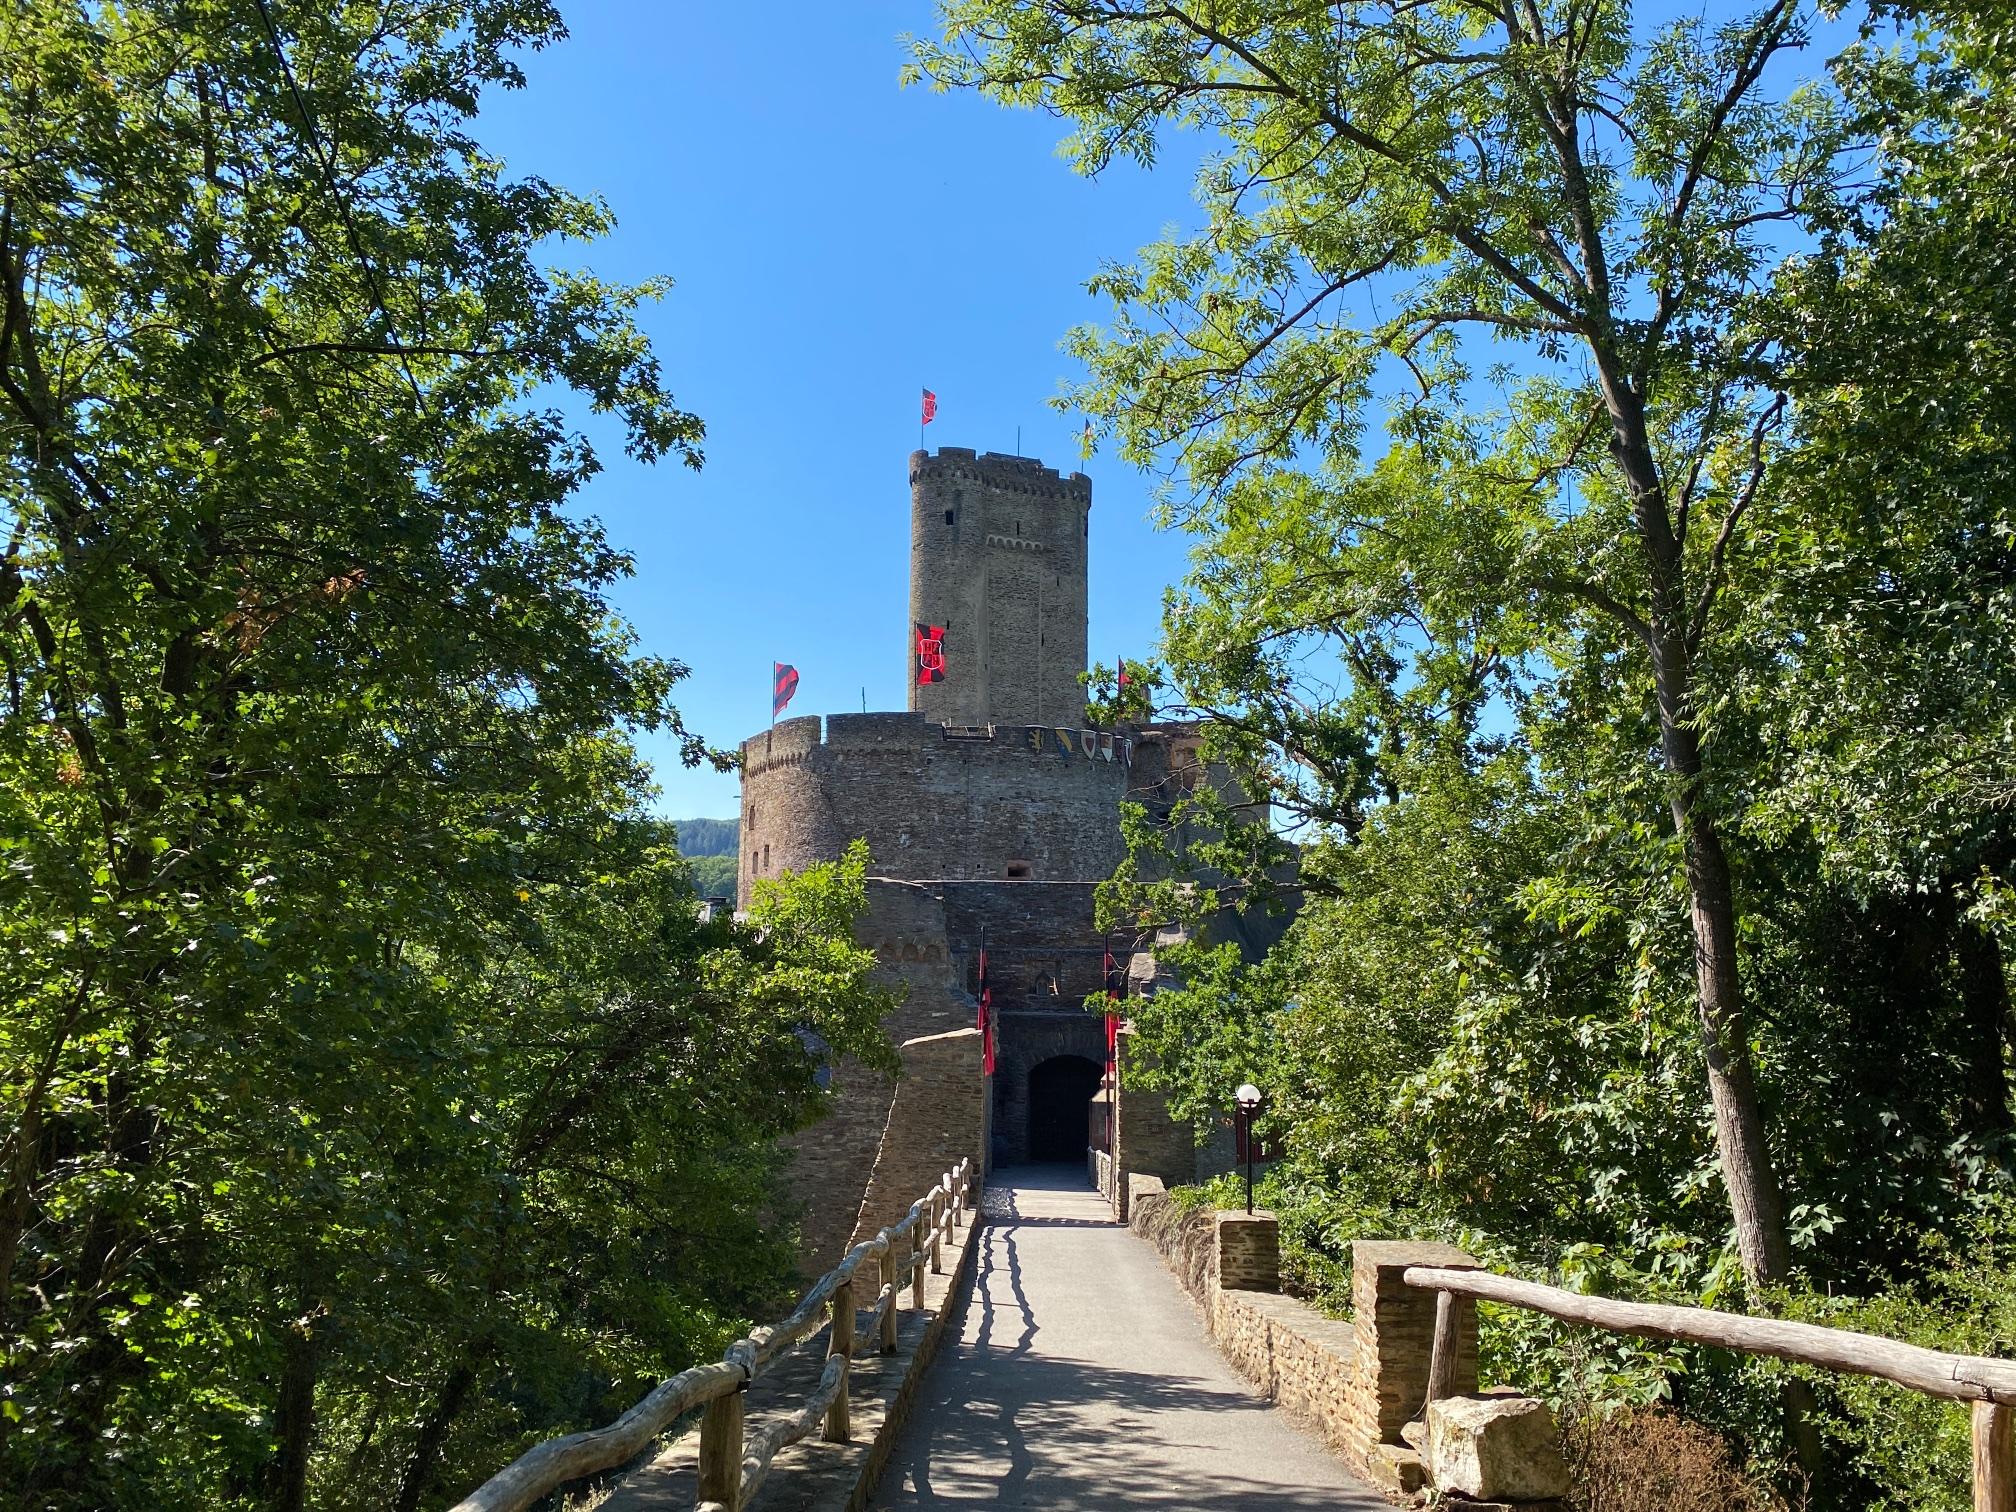 Traumschleife Bergschluchtenpfad Ehrenburg